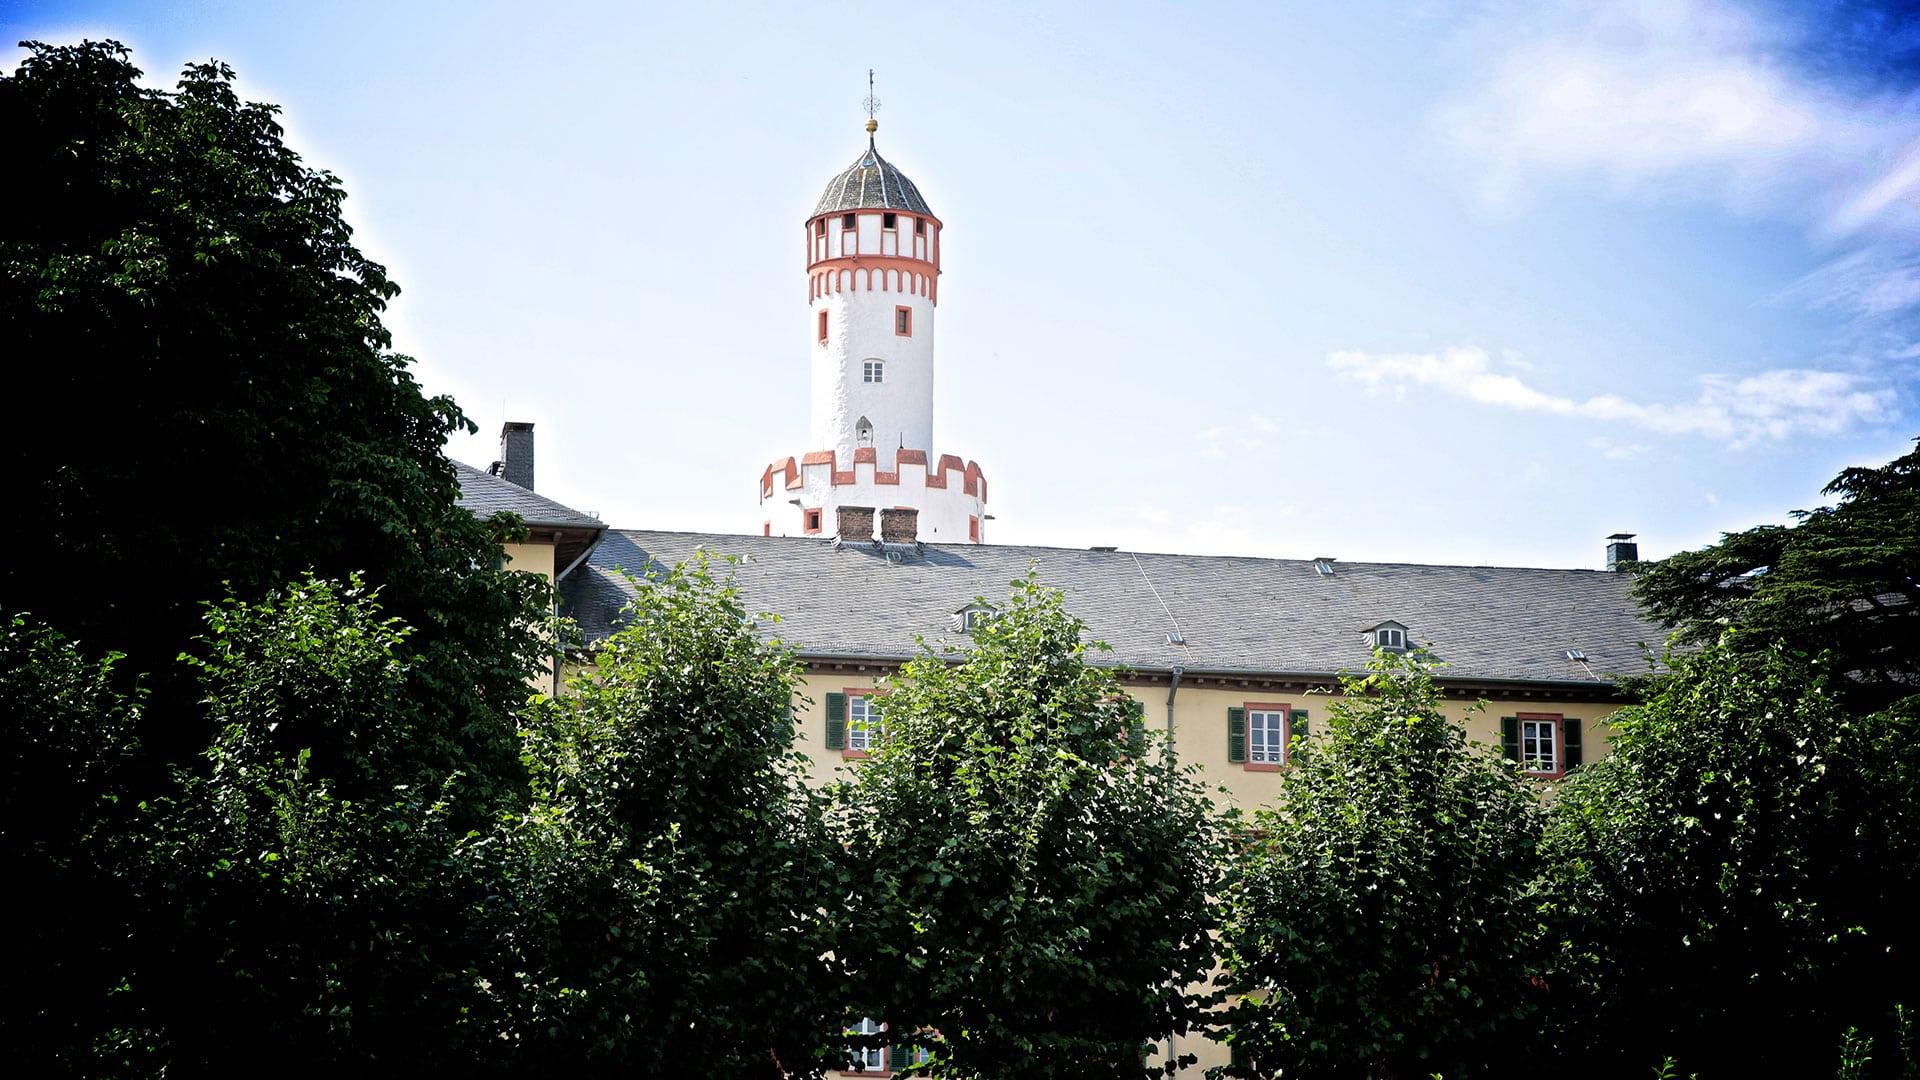 das hochzeits foto schloss bad homburg bg - Schloss, Bad Homburg